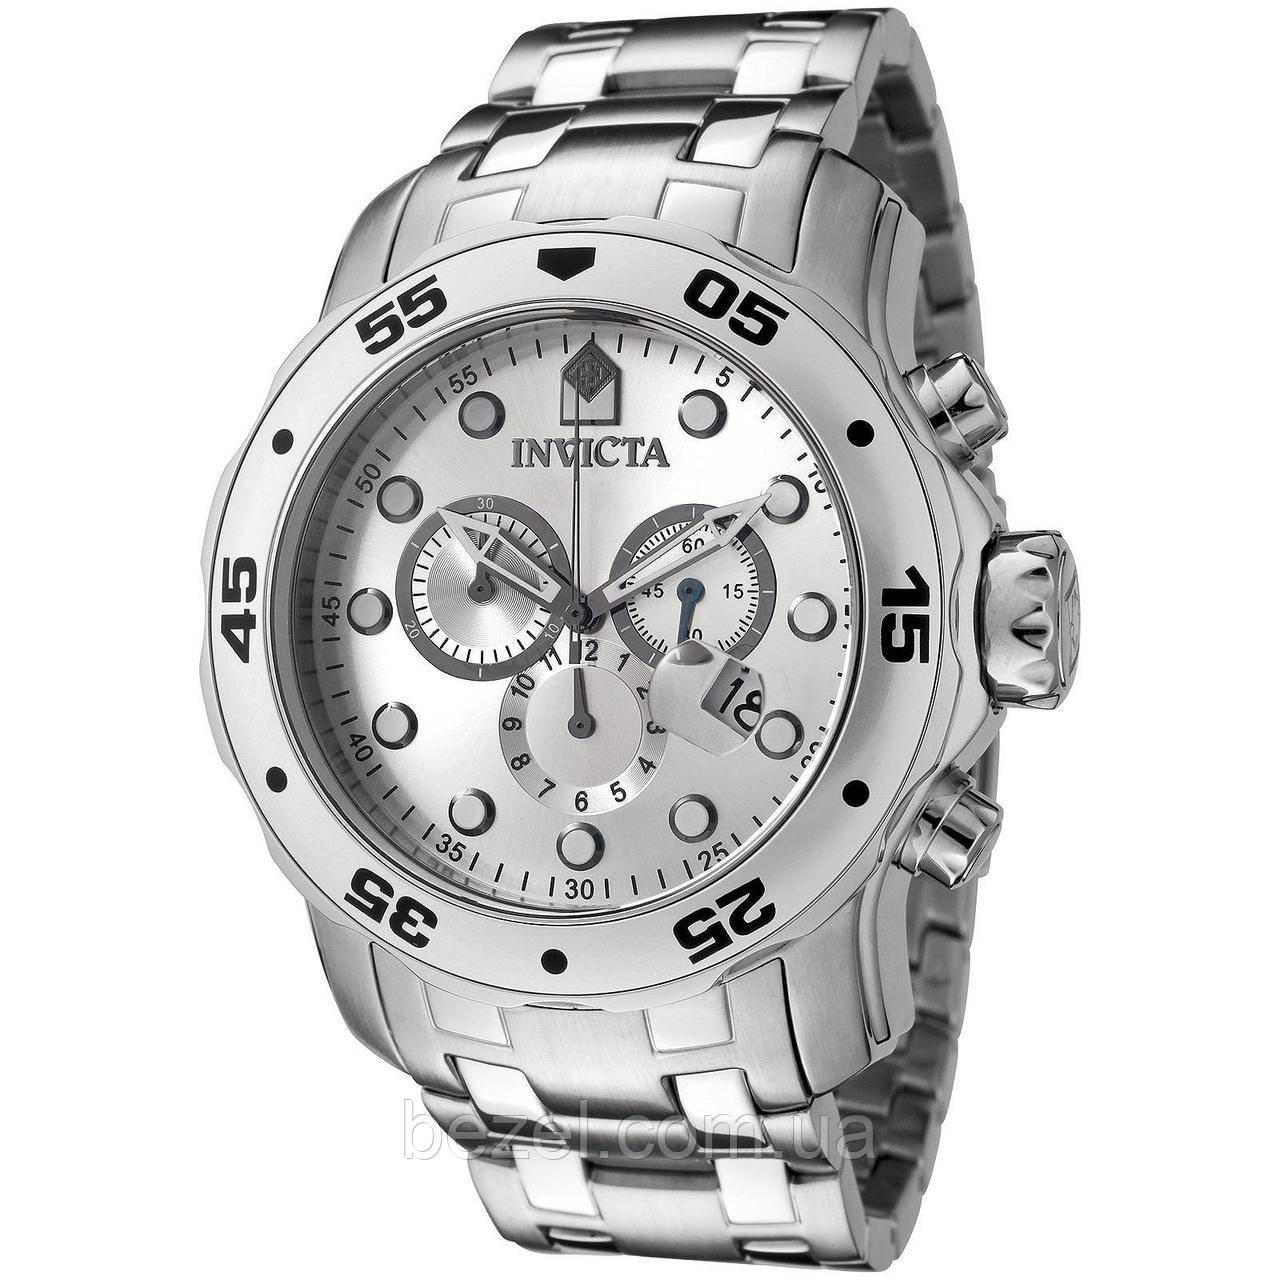 Мужские швейцарские часы INVICTA 0071 Pro Diver Инвикта дайвер водонепроницаемые швейцарские для дайвинга